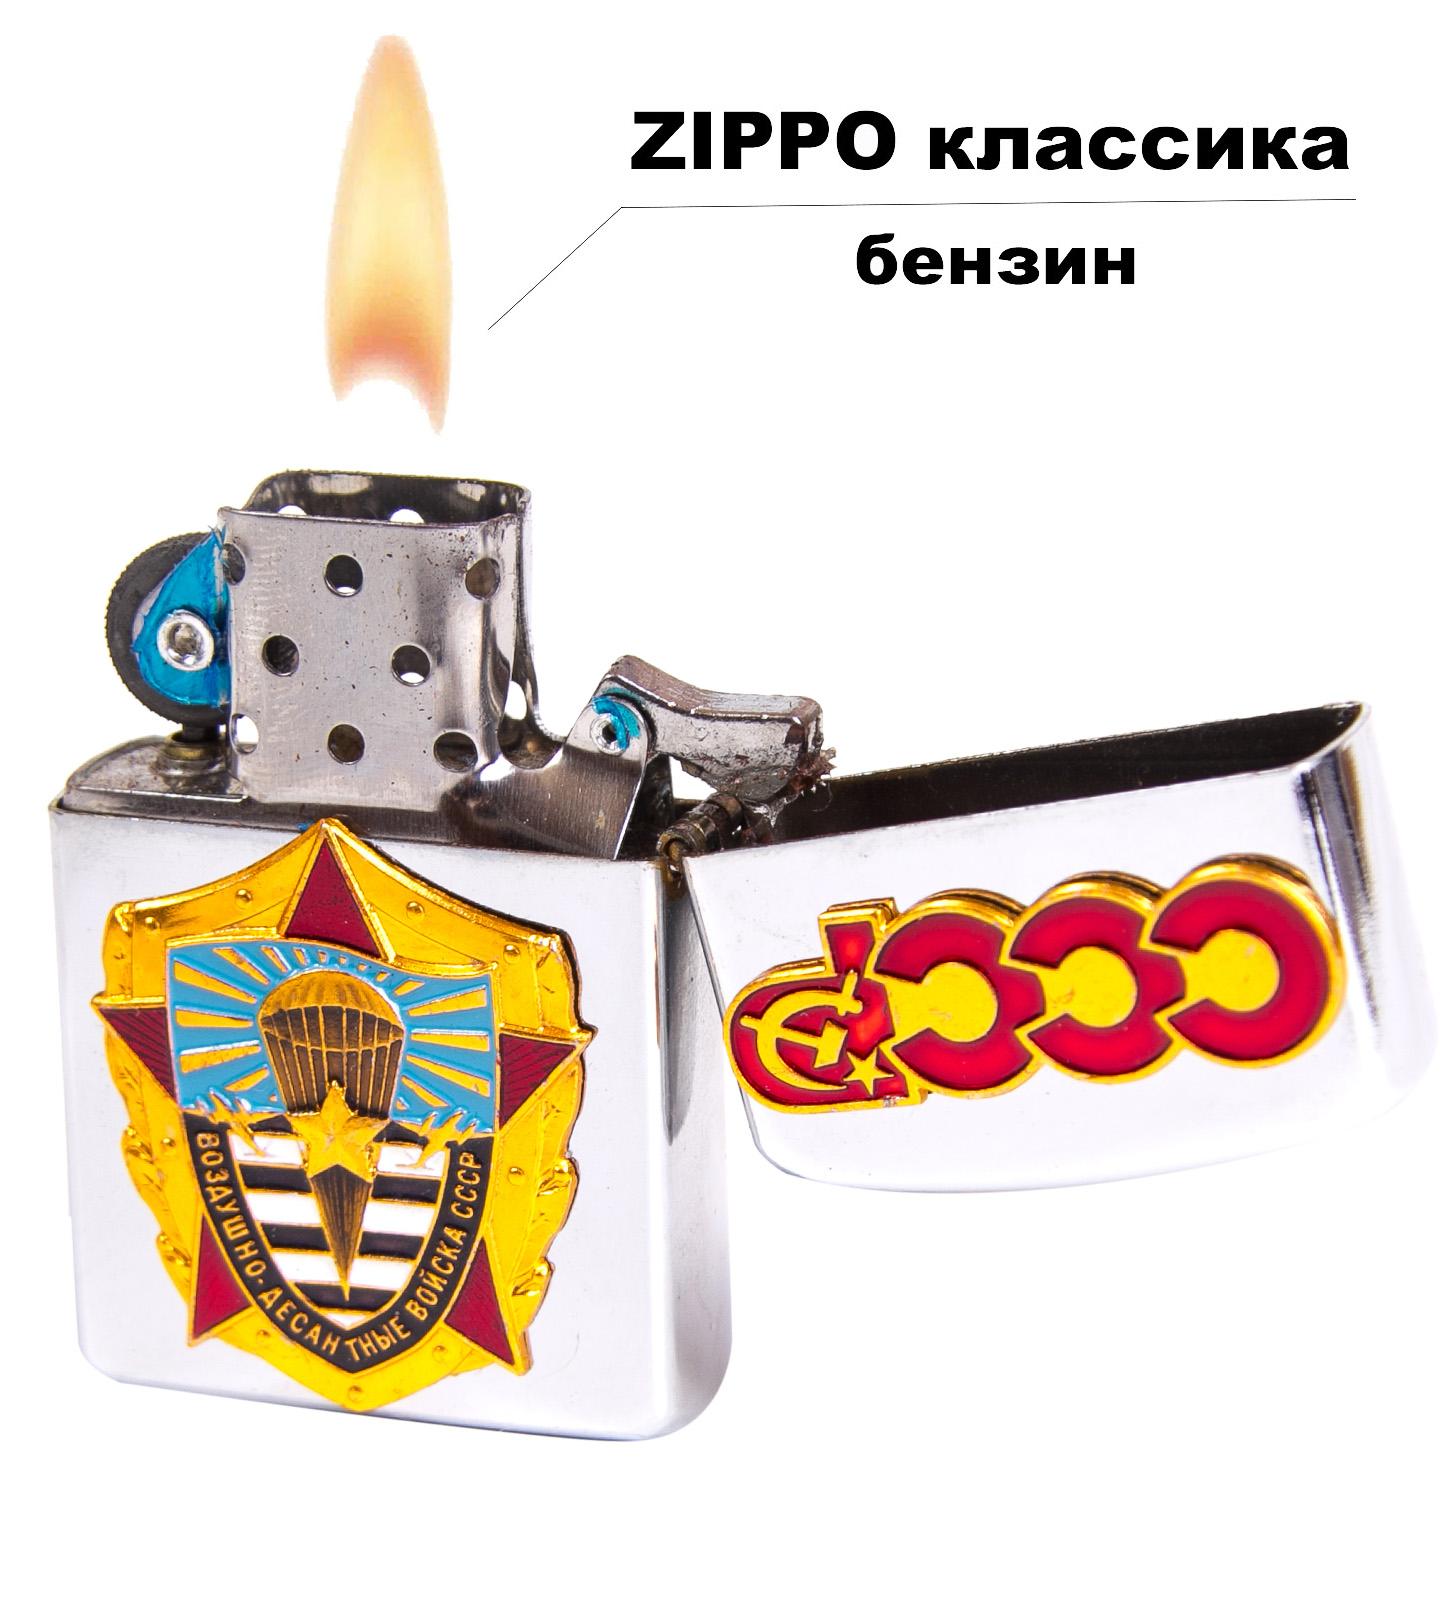 Классическая зажигалка Zippo бензиновая ВДВ СССР